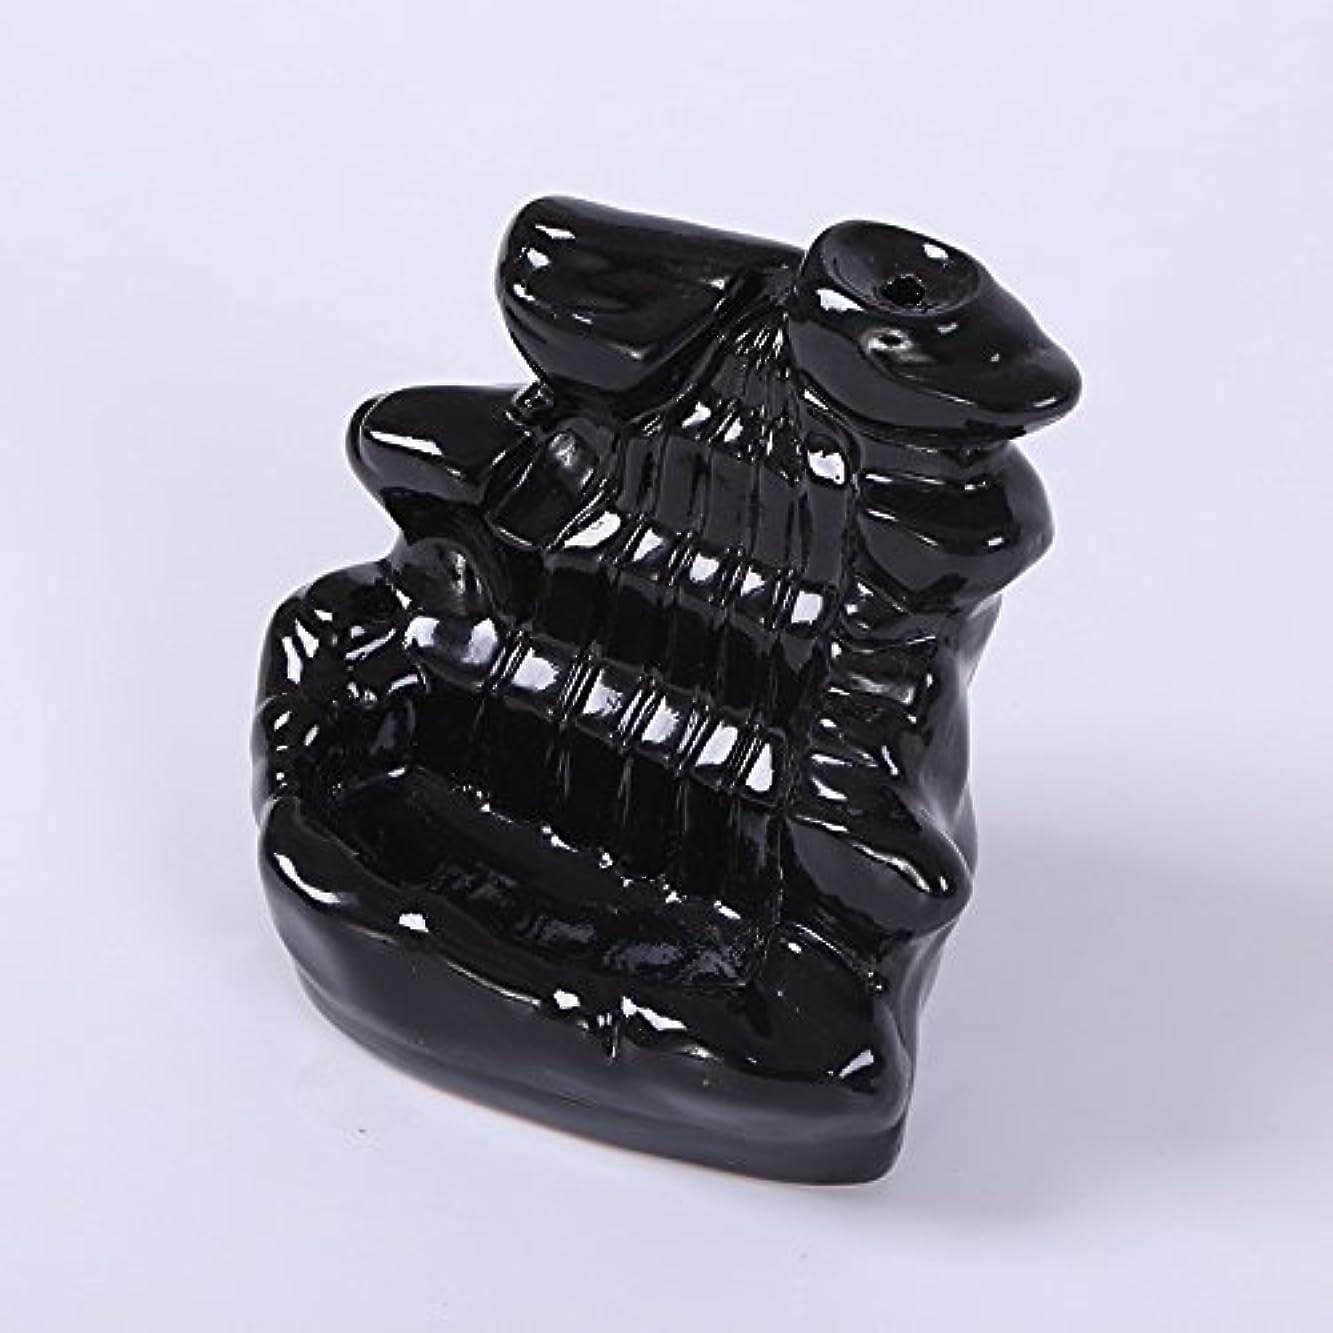 若者世界に死んだ流産Kicode ブラック 滝の磁器の逆流 セラミックコーン 香炉 ホルダー仏教ホームオフィスデコレーション